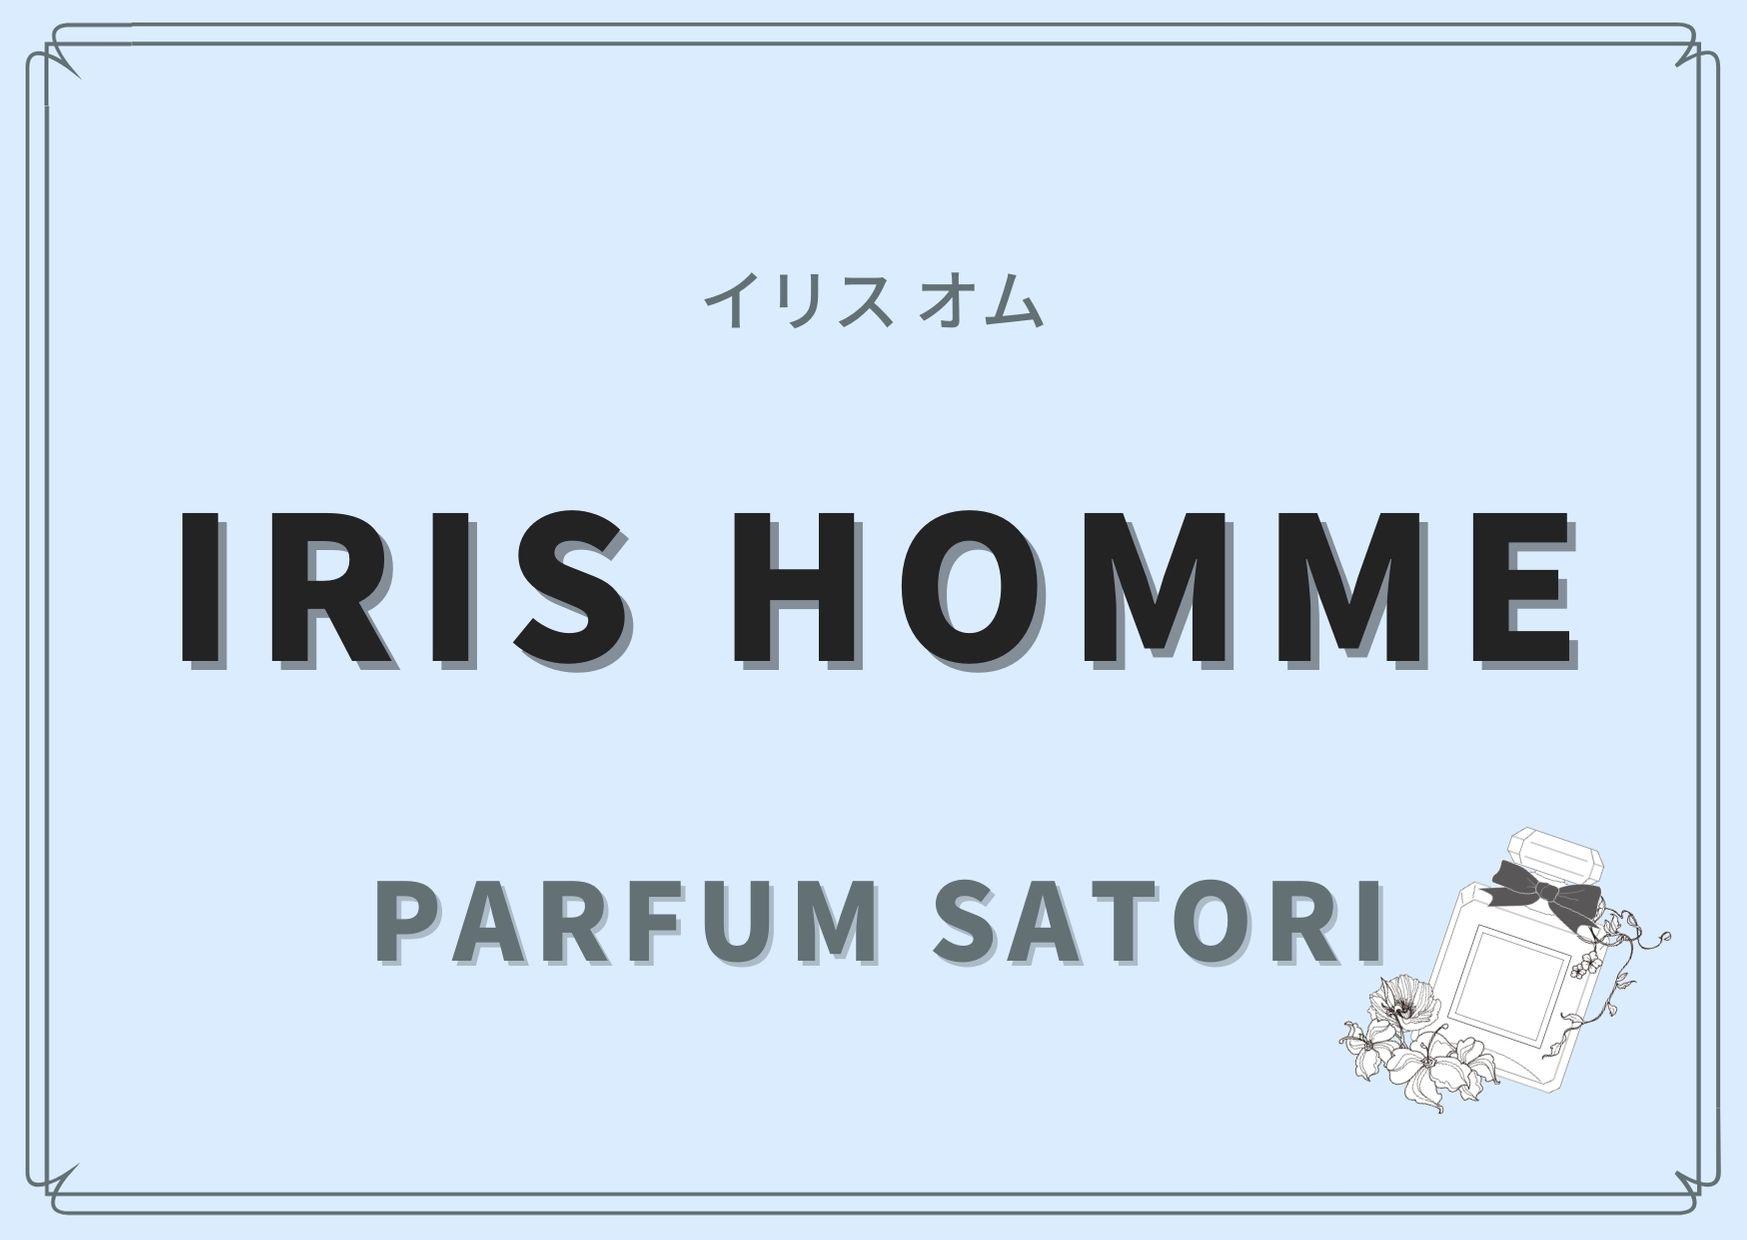 IRIS HOMME(イリス オム)/PARFUM SATORI(パルファン サトリ)